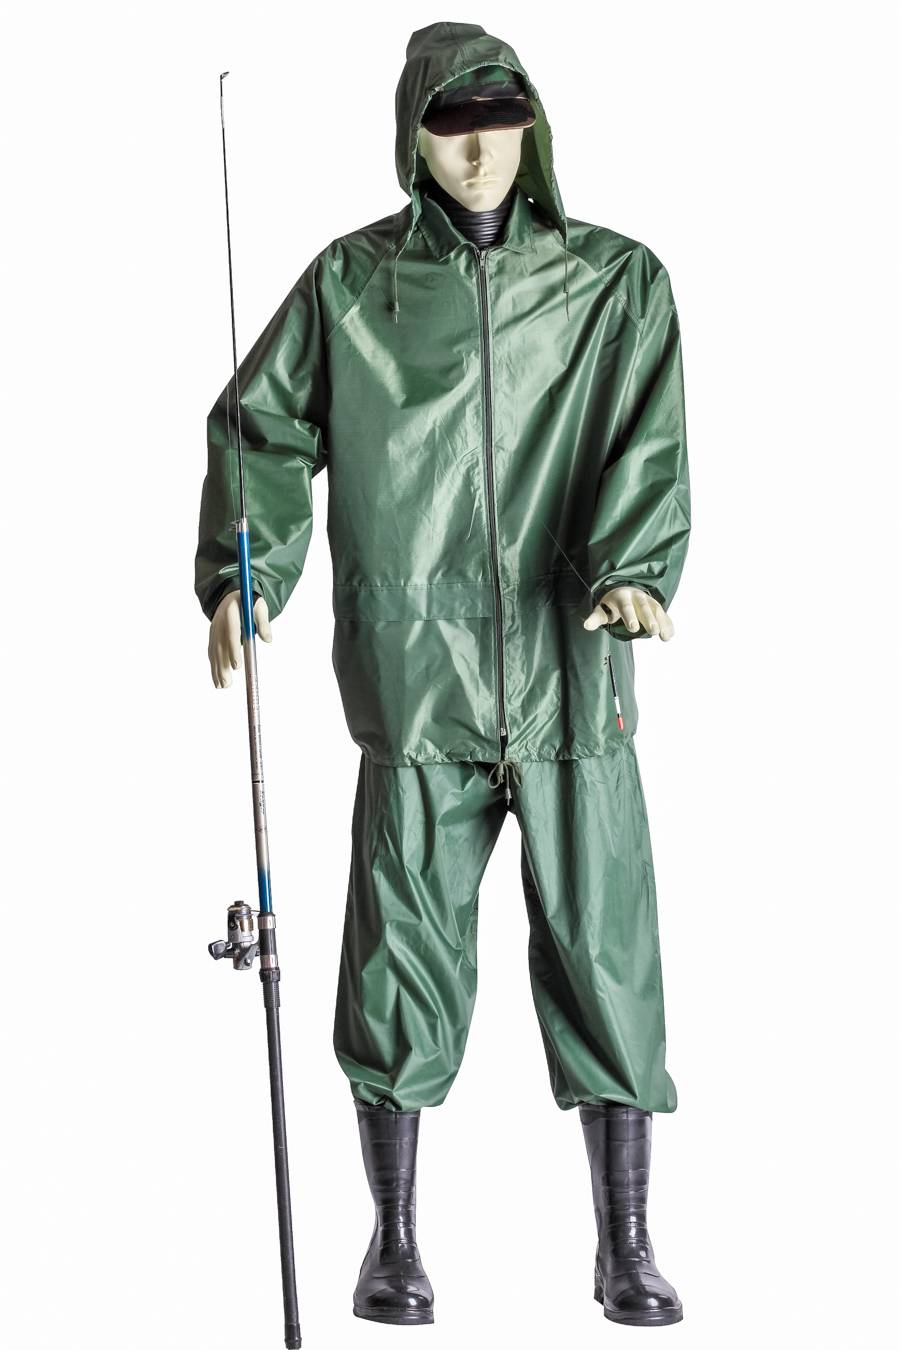 Лучшие костюмы для зимней рыбалки в 2019-2020 году. как выбрать зимний костюм для рыбалки